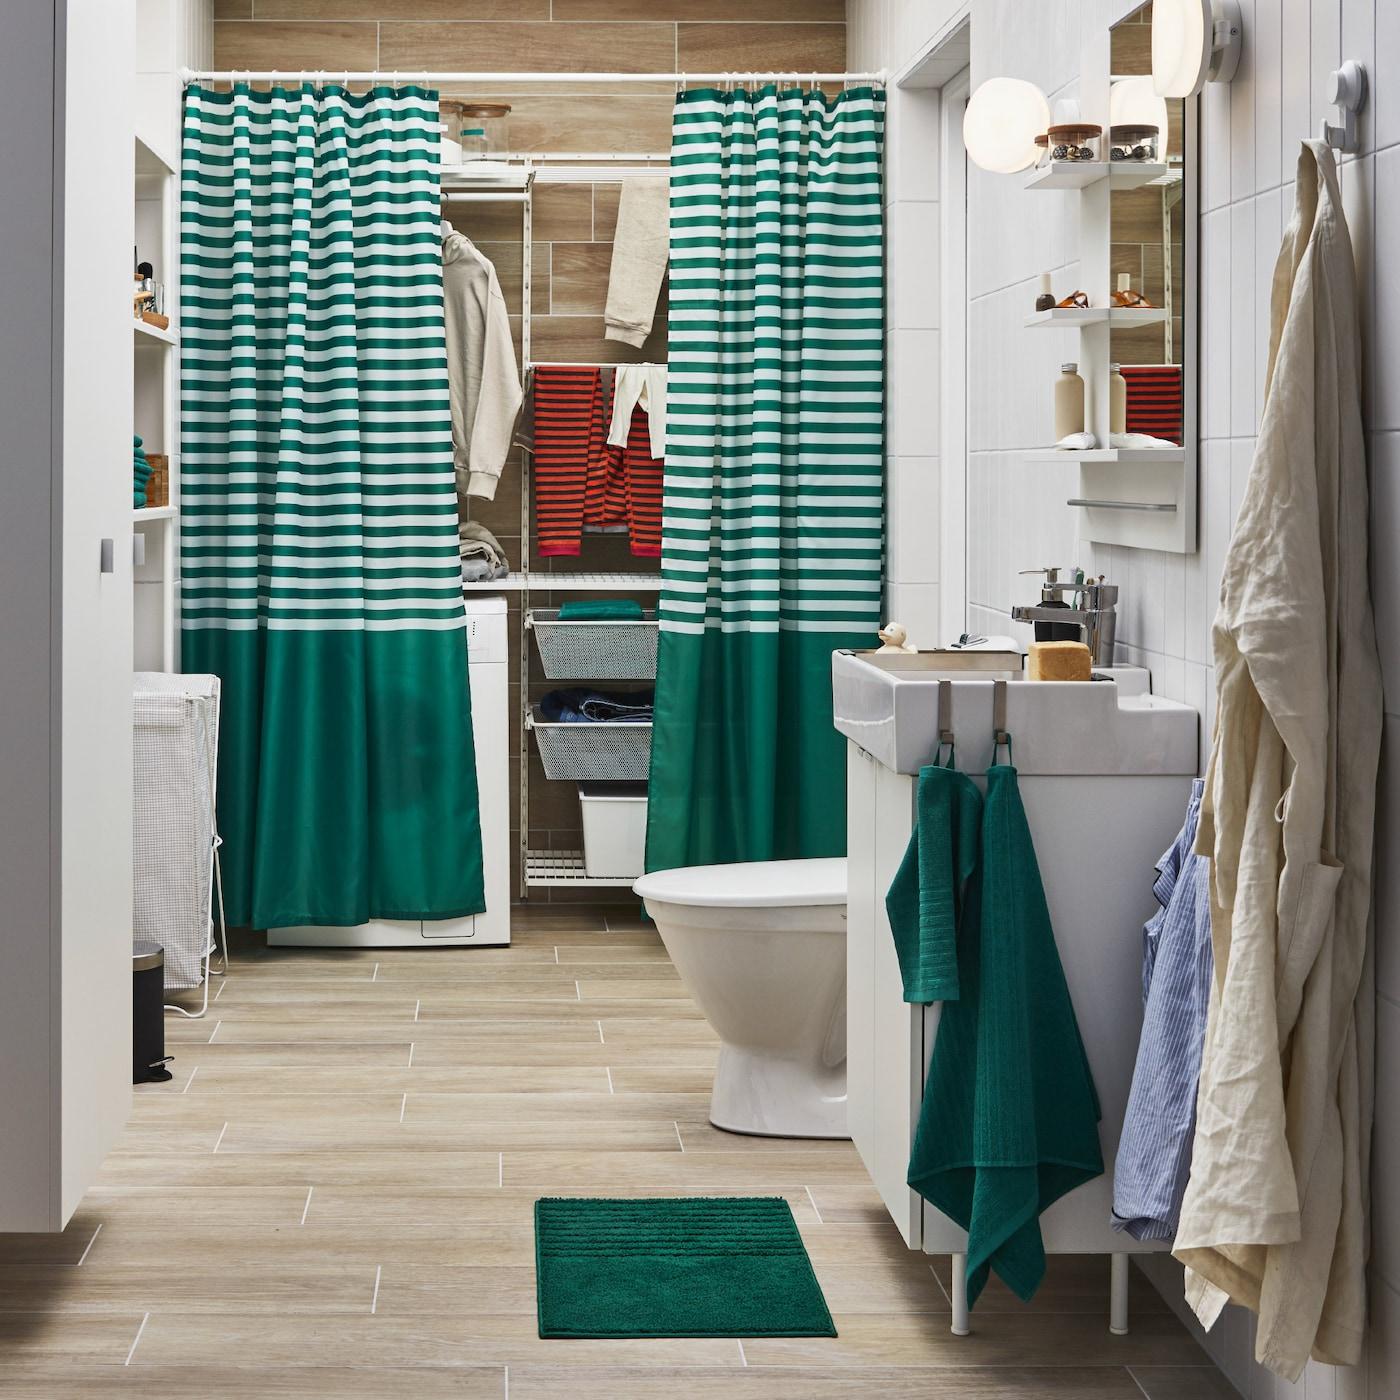 ストライプのシャワーカーテンに半分隠されたランドリーコーナーのあるバスルーム。ホワイトの洗面ボウル、グリーンのタオル。